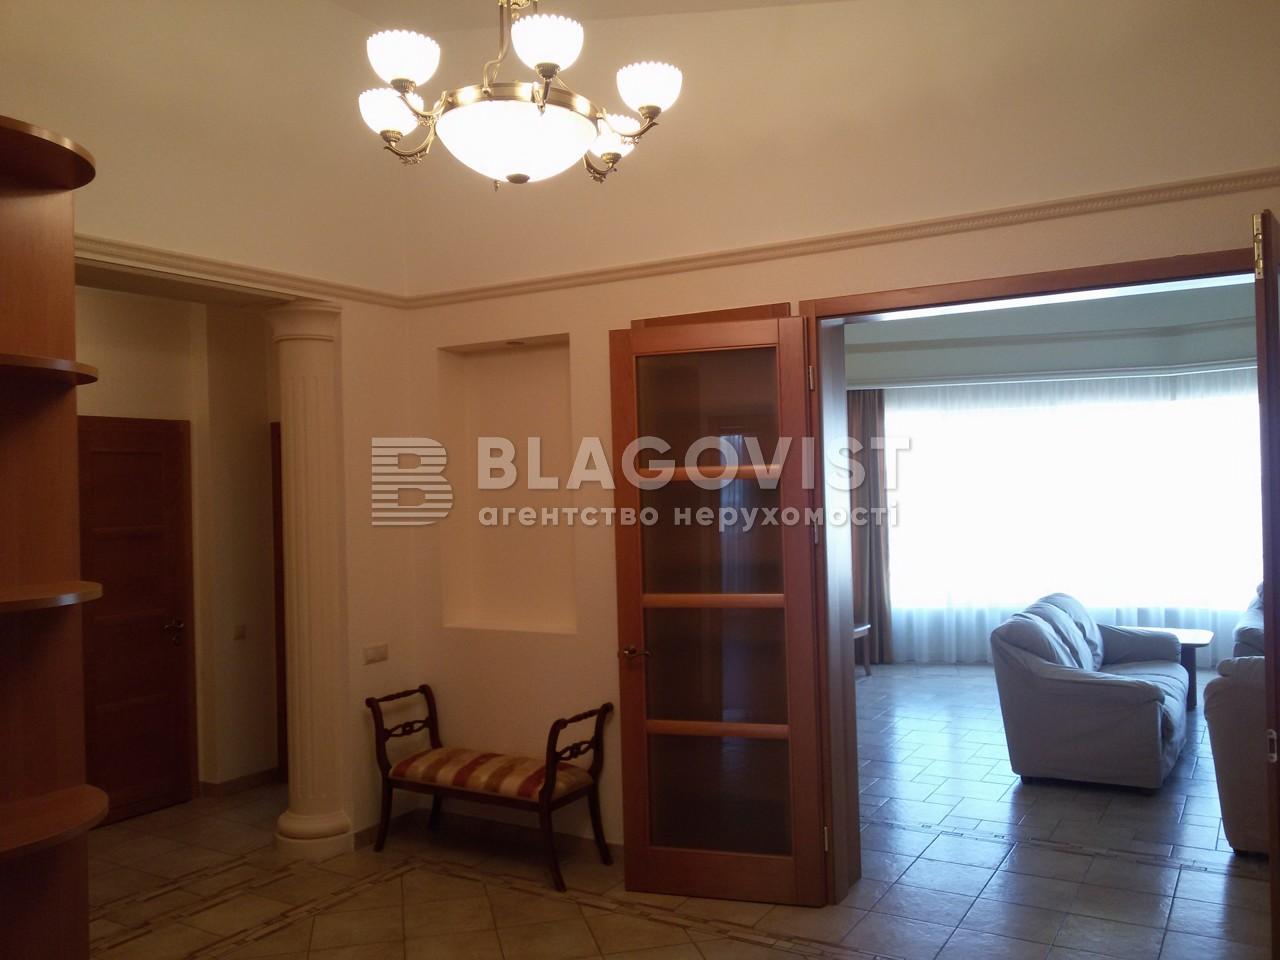 Квартира R-7966, Кирилловская (Фрунзе), 14/18, Киев - Фото 11